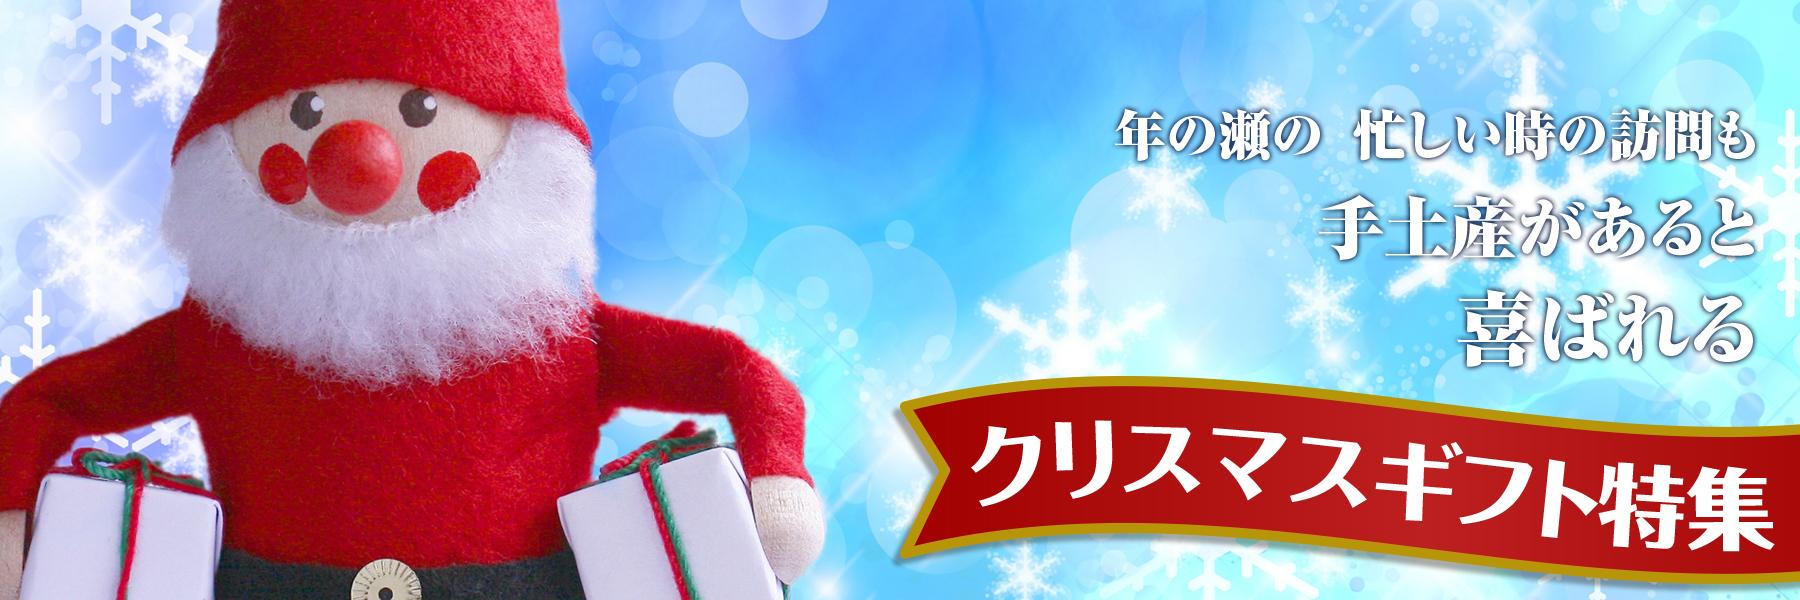 クリスマスギフト特集のバナー画像